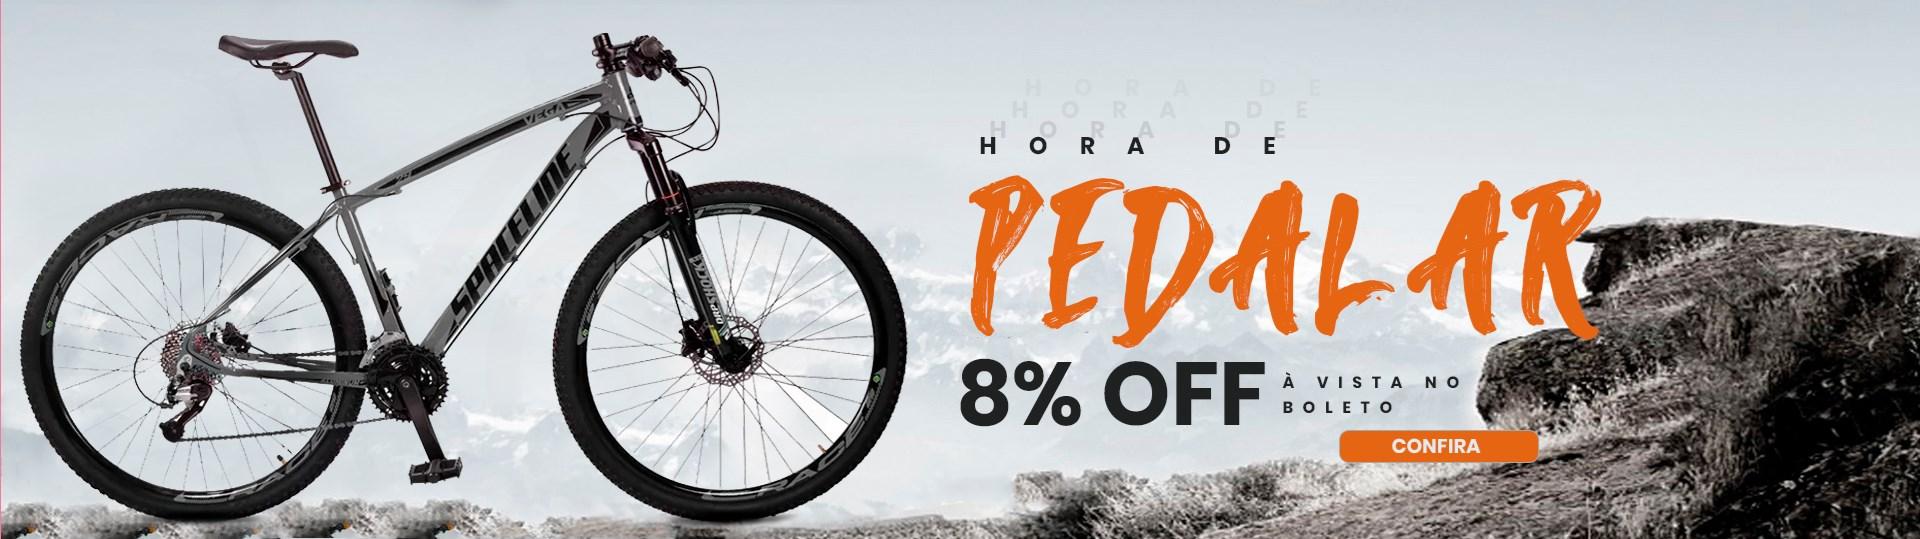 Bicicletas 8% Off - Mpozenato